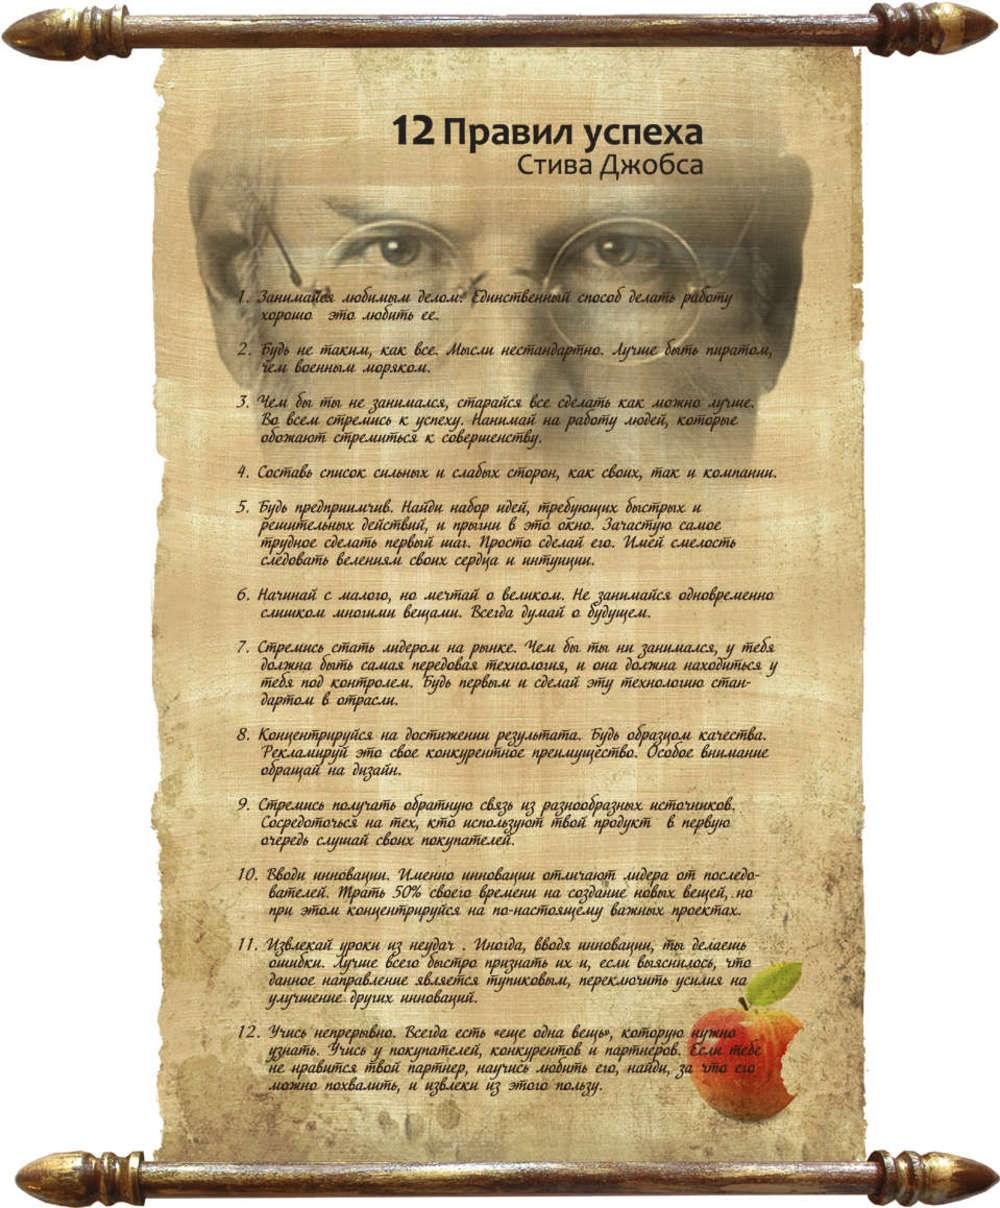 Поздравление 12 правил успеха от Стива Джобса на папирусе